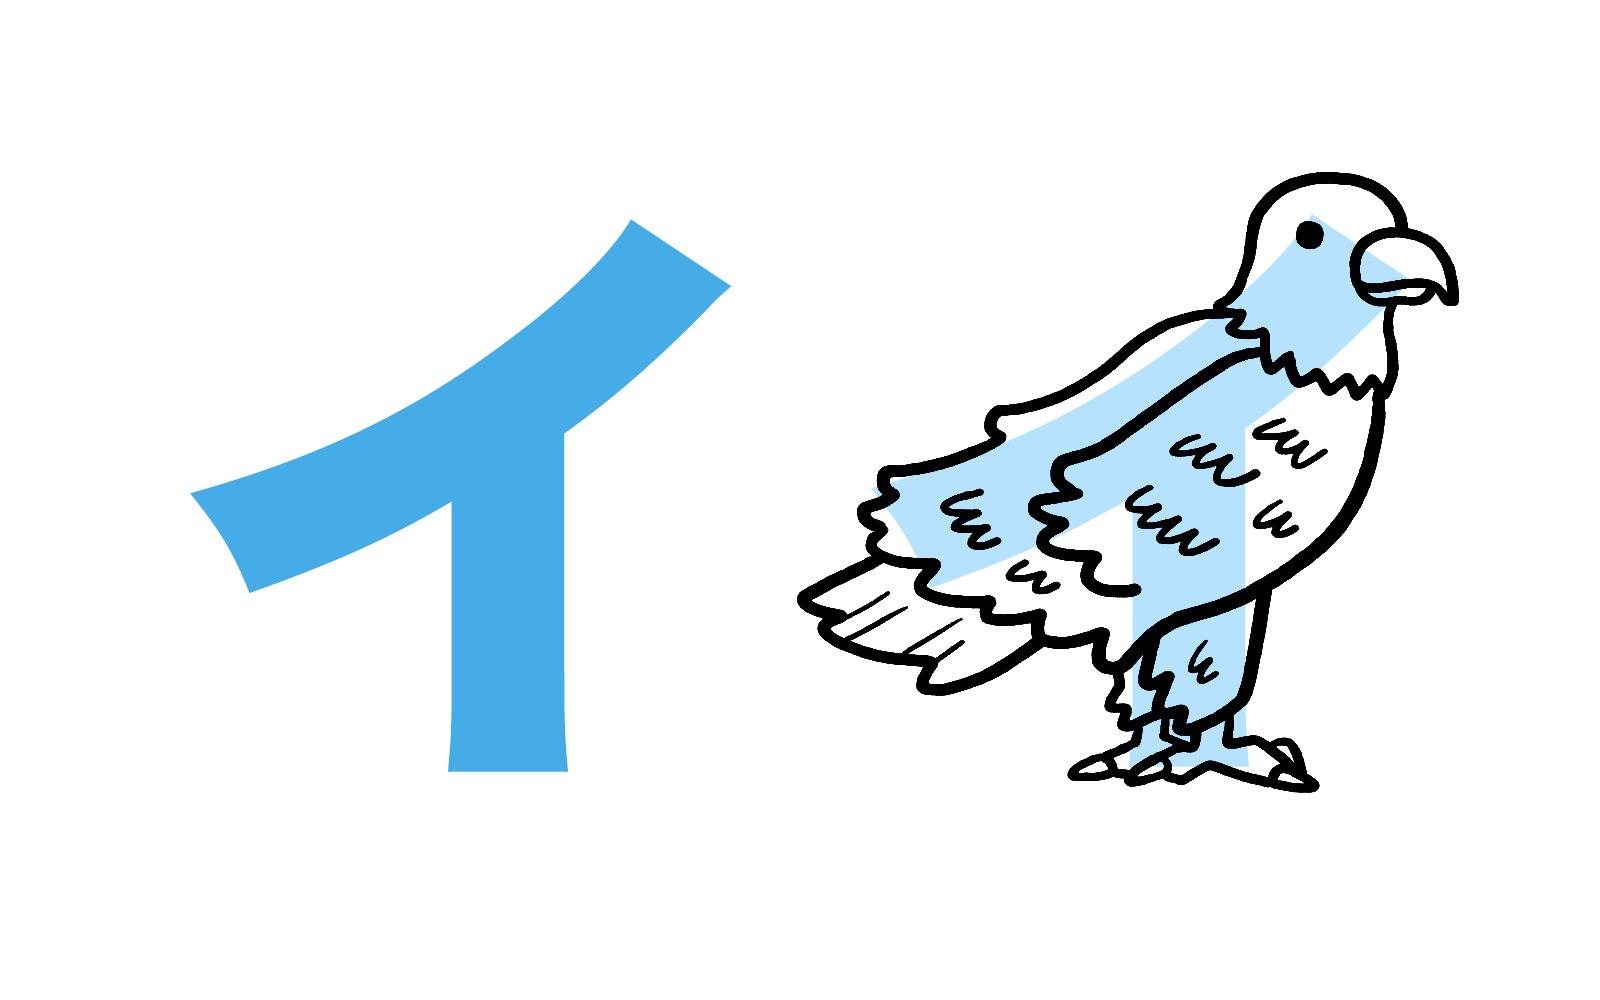 Katakana character イ mnemonic